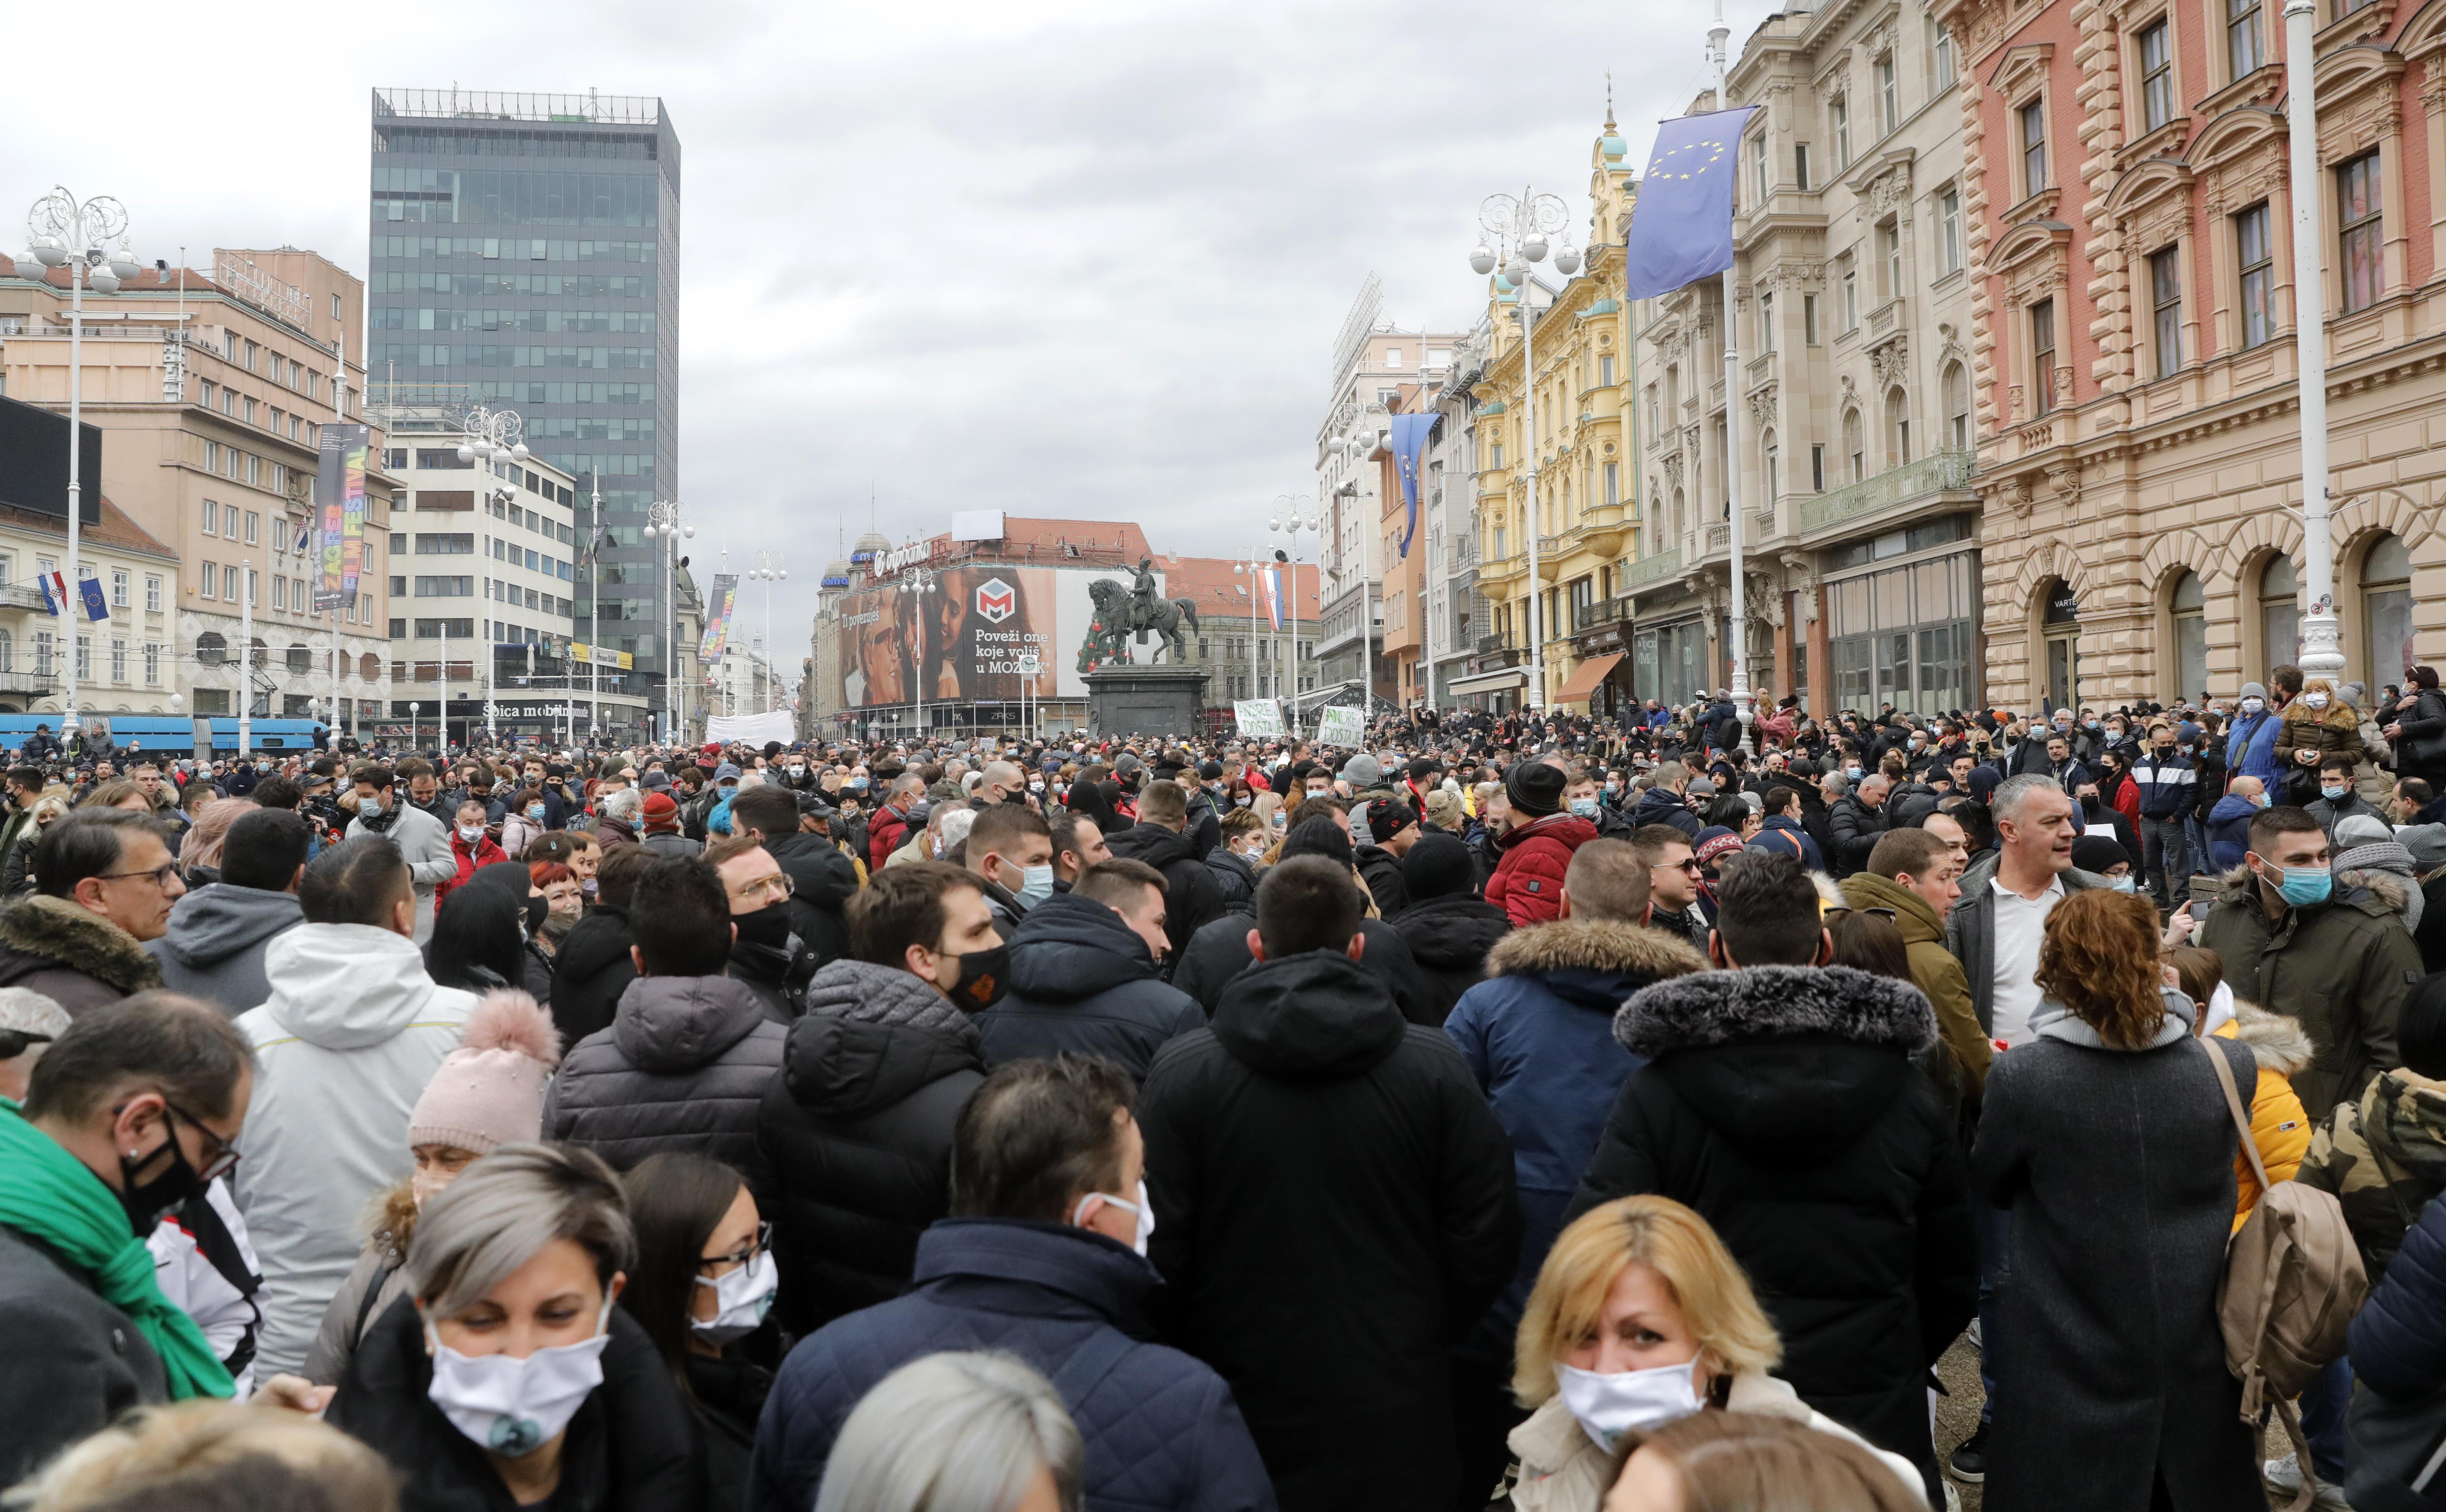 Hırvatistan'da Covid-19 kısıtlamalarına karşı protesto